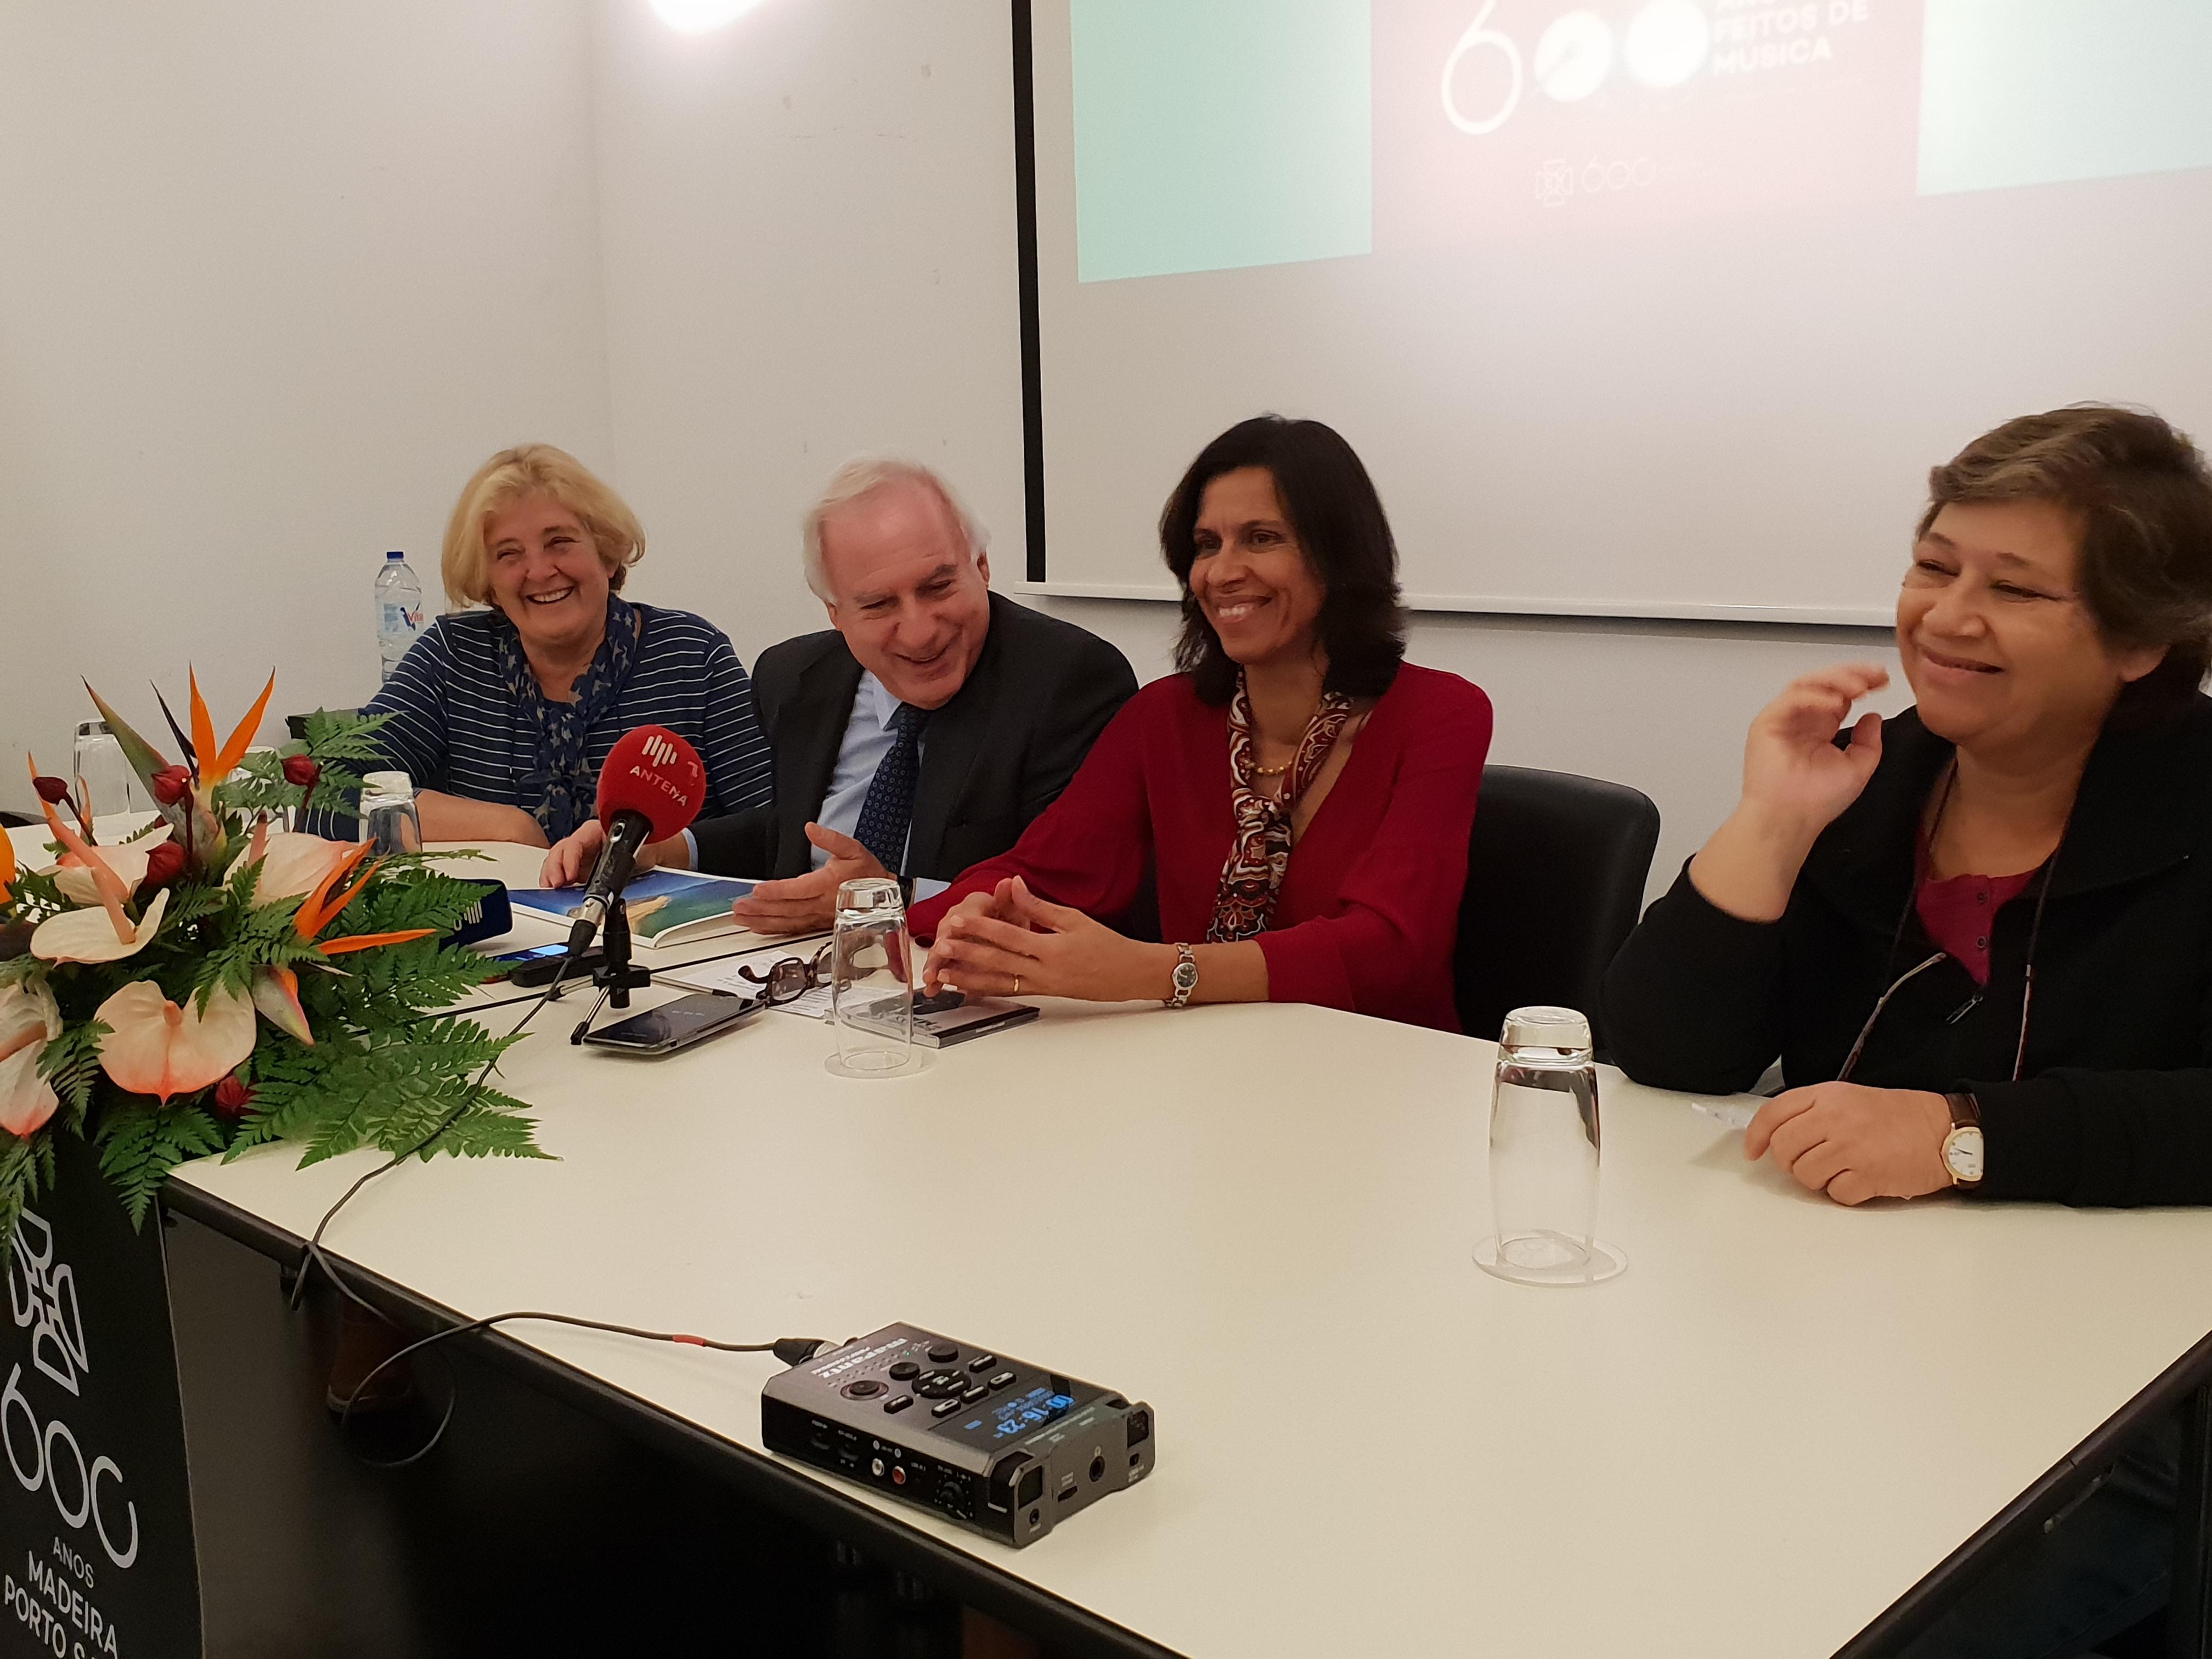 Governo Regional lança CD e promove grande espetáculo em homenagem a Max